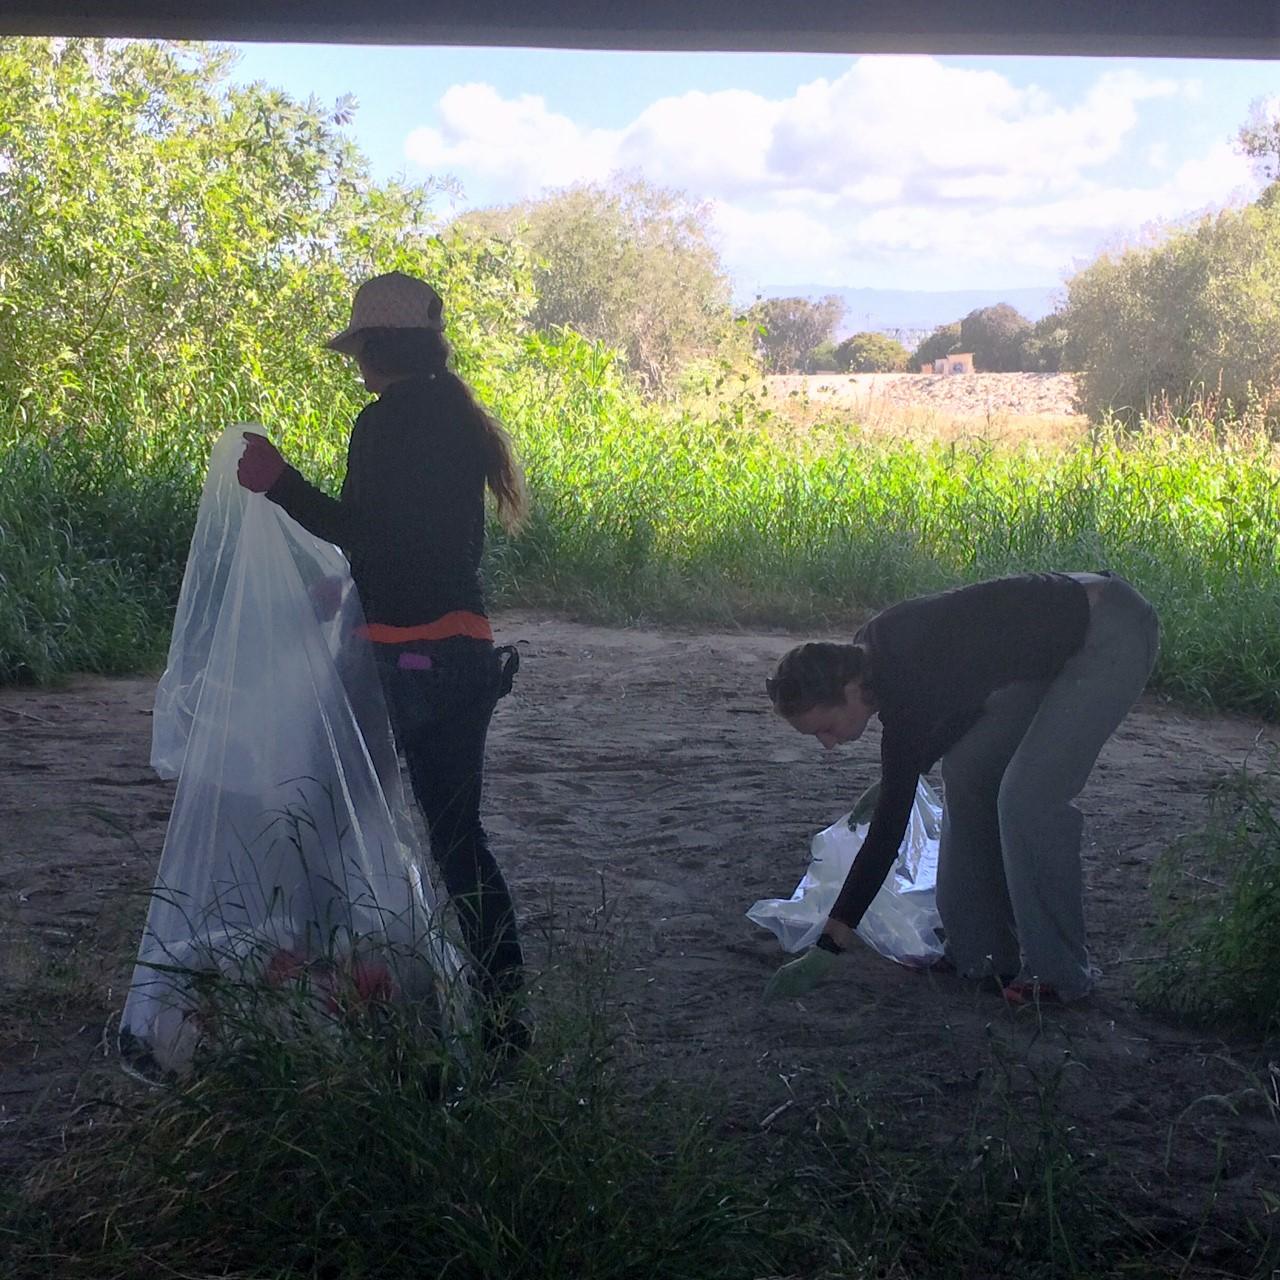 Trash removal volunteers